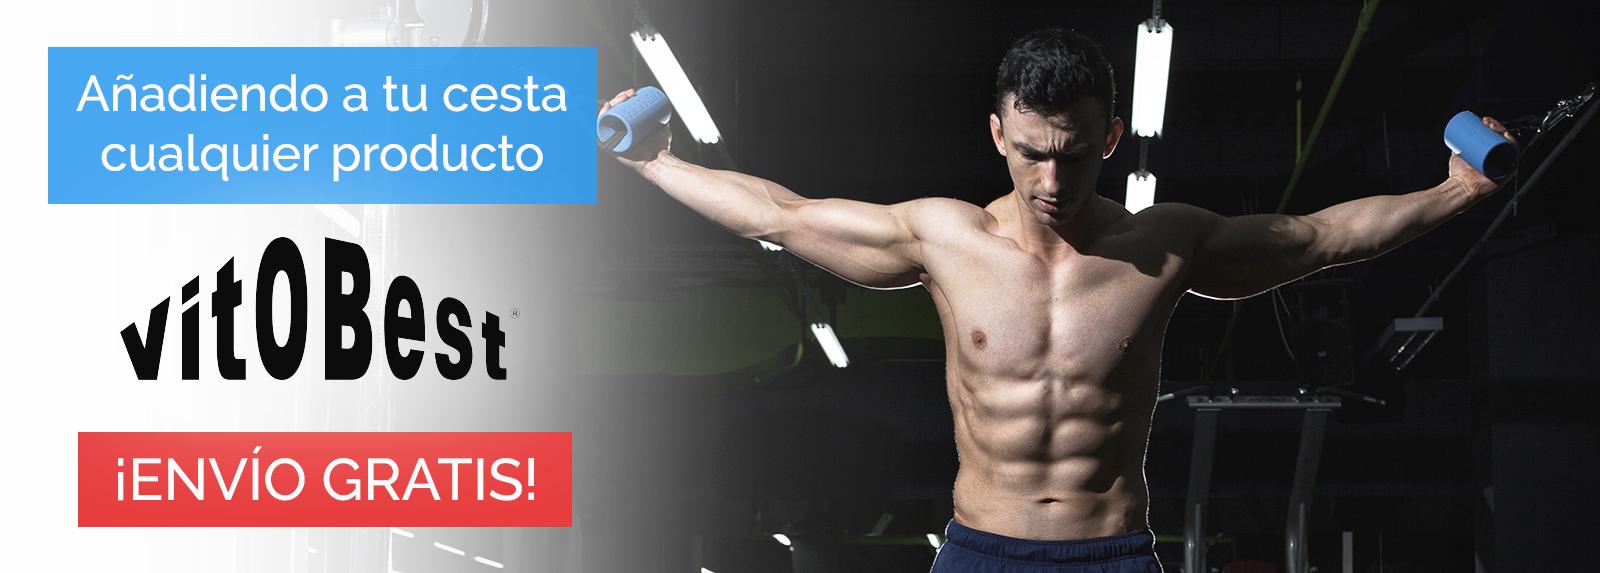 Envío Gratis con la compra de cualquier producto Vitobest